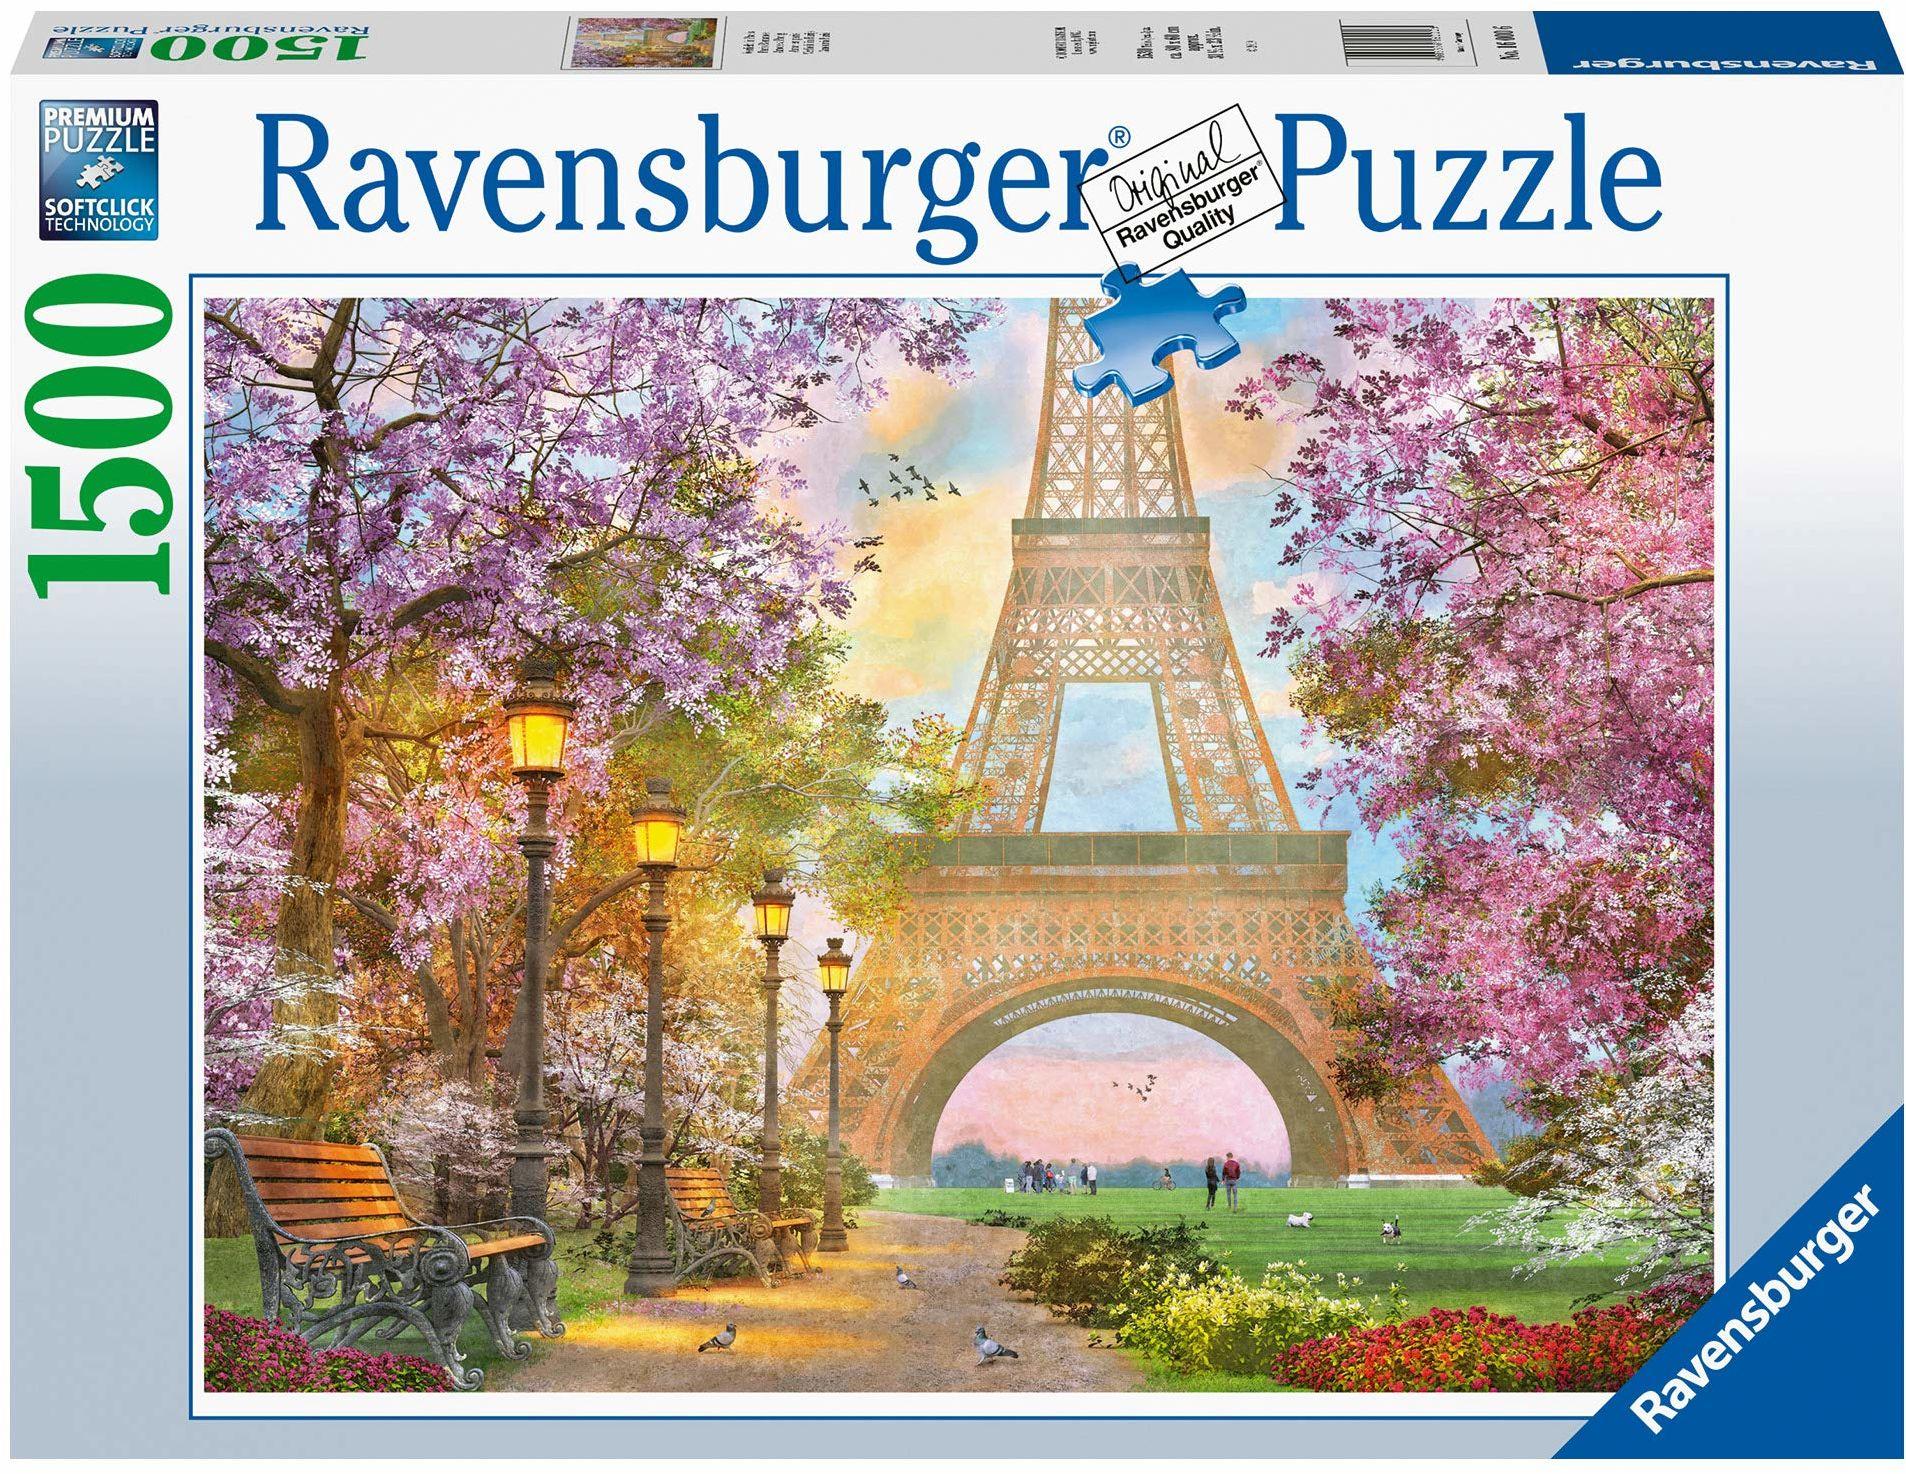 Ravensburger Puzzle 1500 elementów zakochanych w Paryżu, z wieżą Eiffla, puzzle dla dorosłych i dzieci od 14 lat